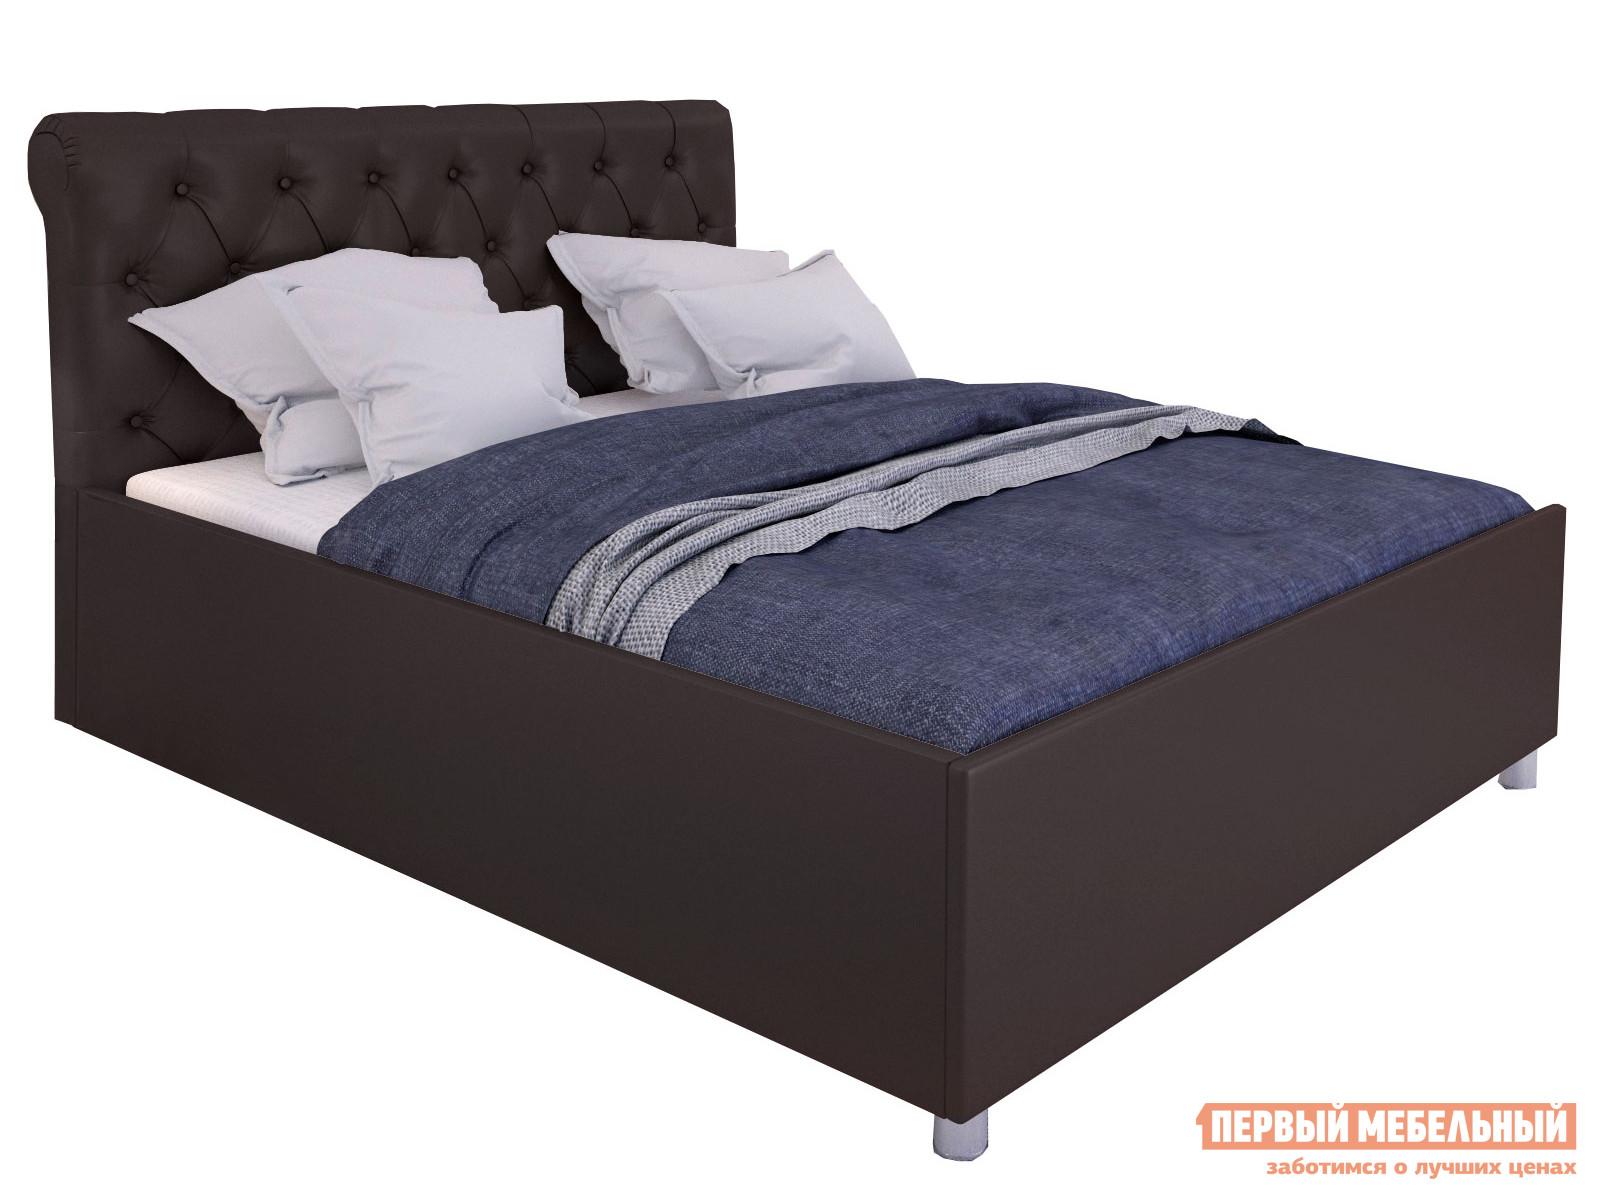 Двуспальная кровать  Кровать с подъемным механизмом Офелия Коричневый, экокожа , 1600 Х 2000 мм